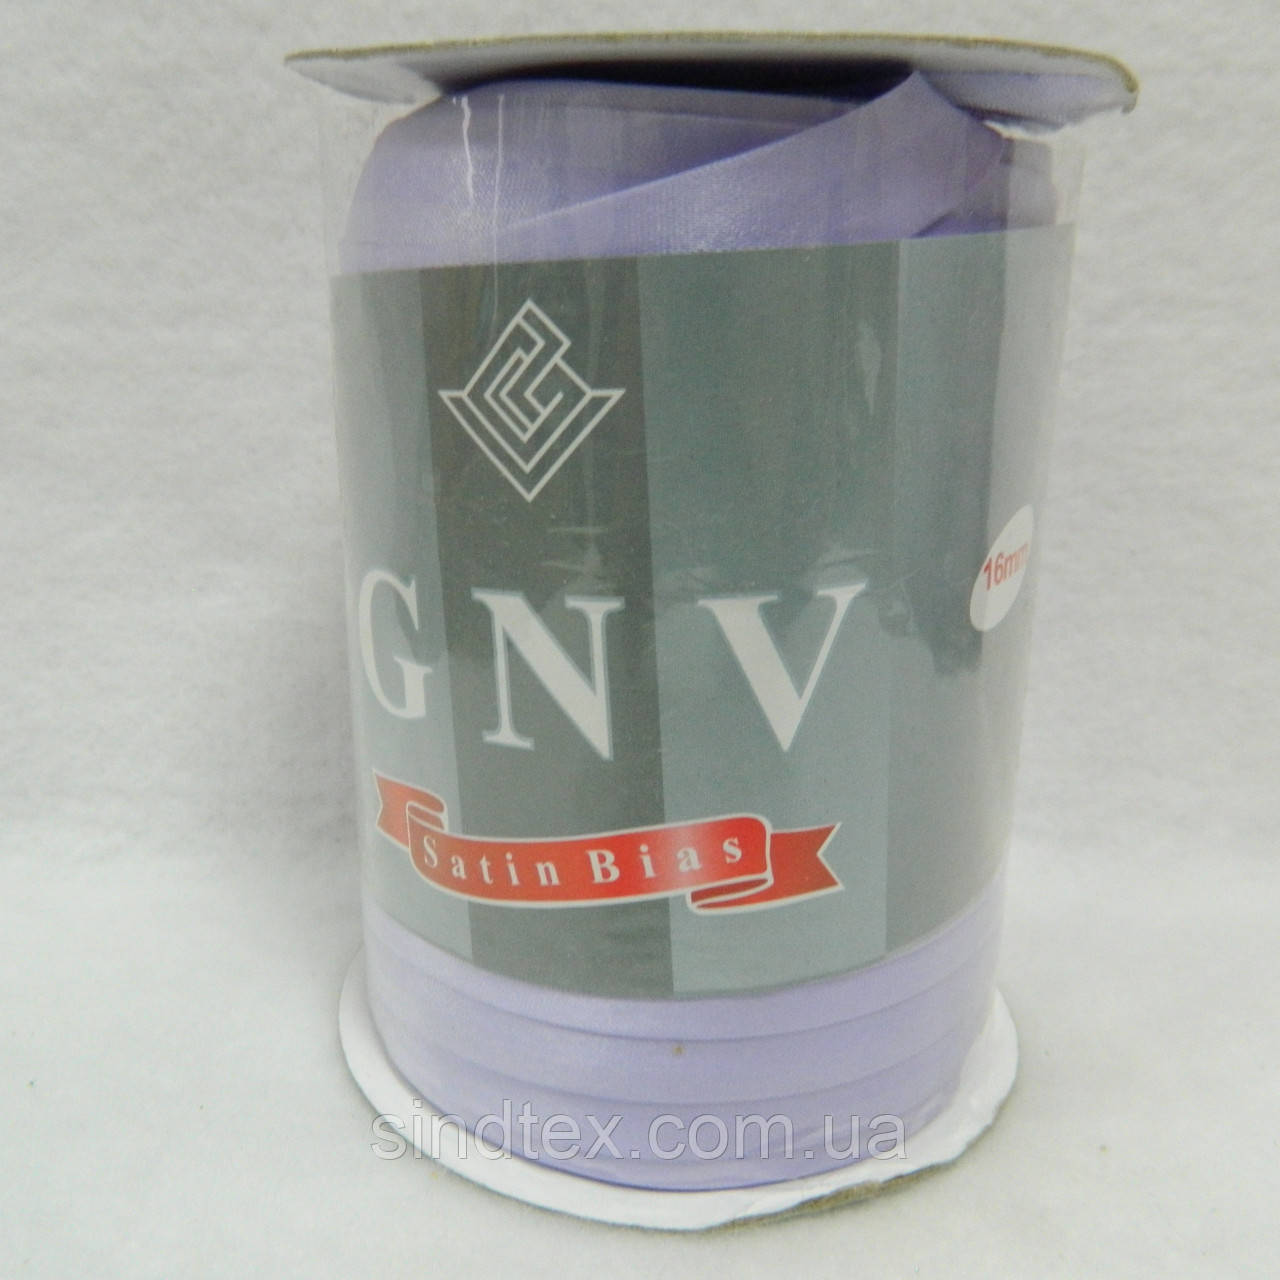 106 облямівки атласна (satin) GNV SQ, світла бузок, 144 ярду